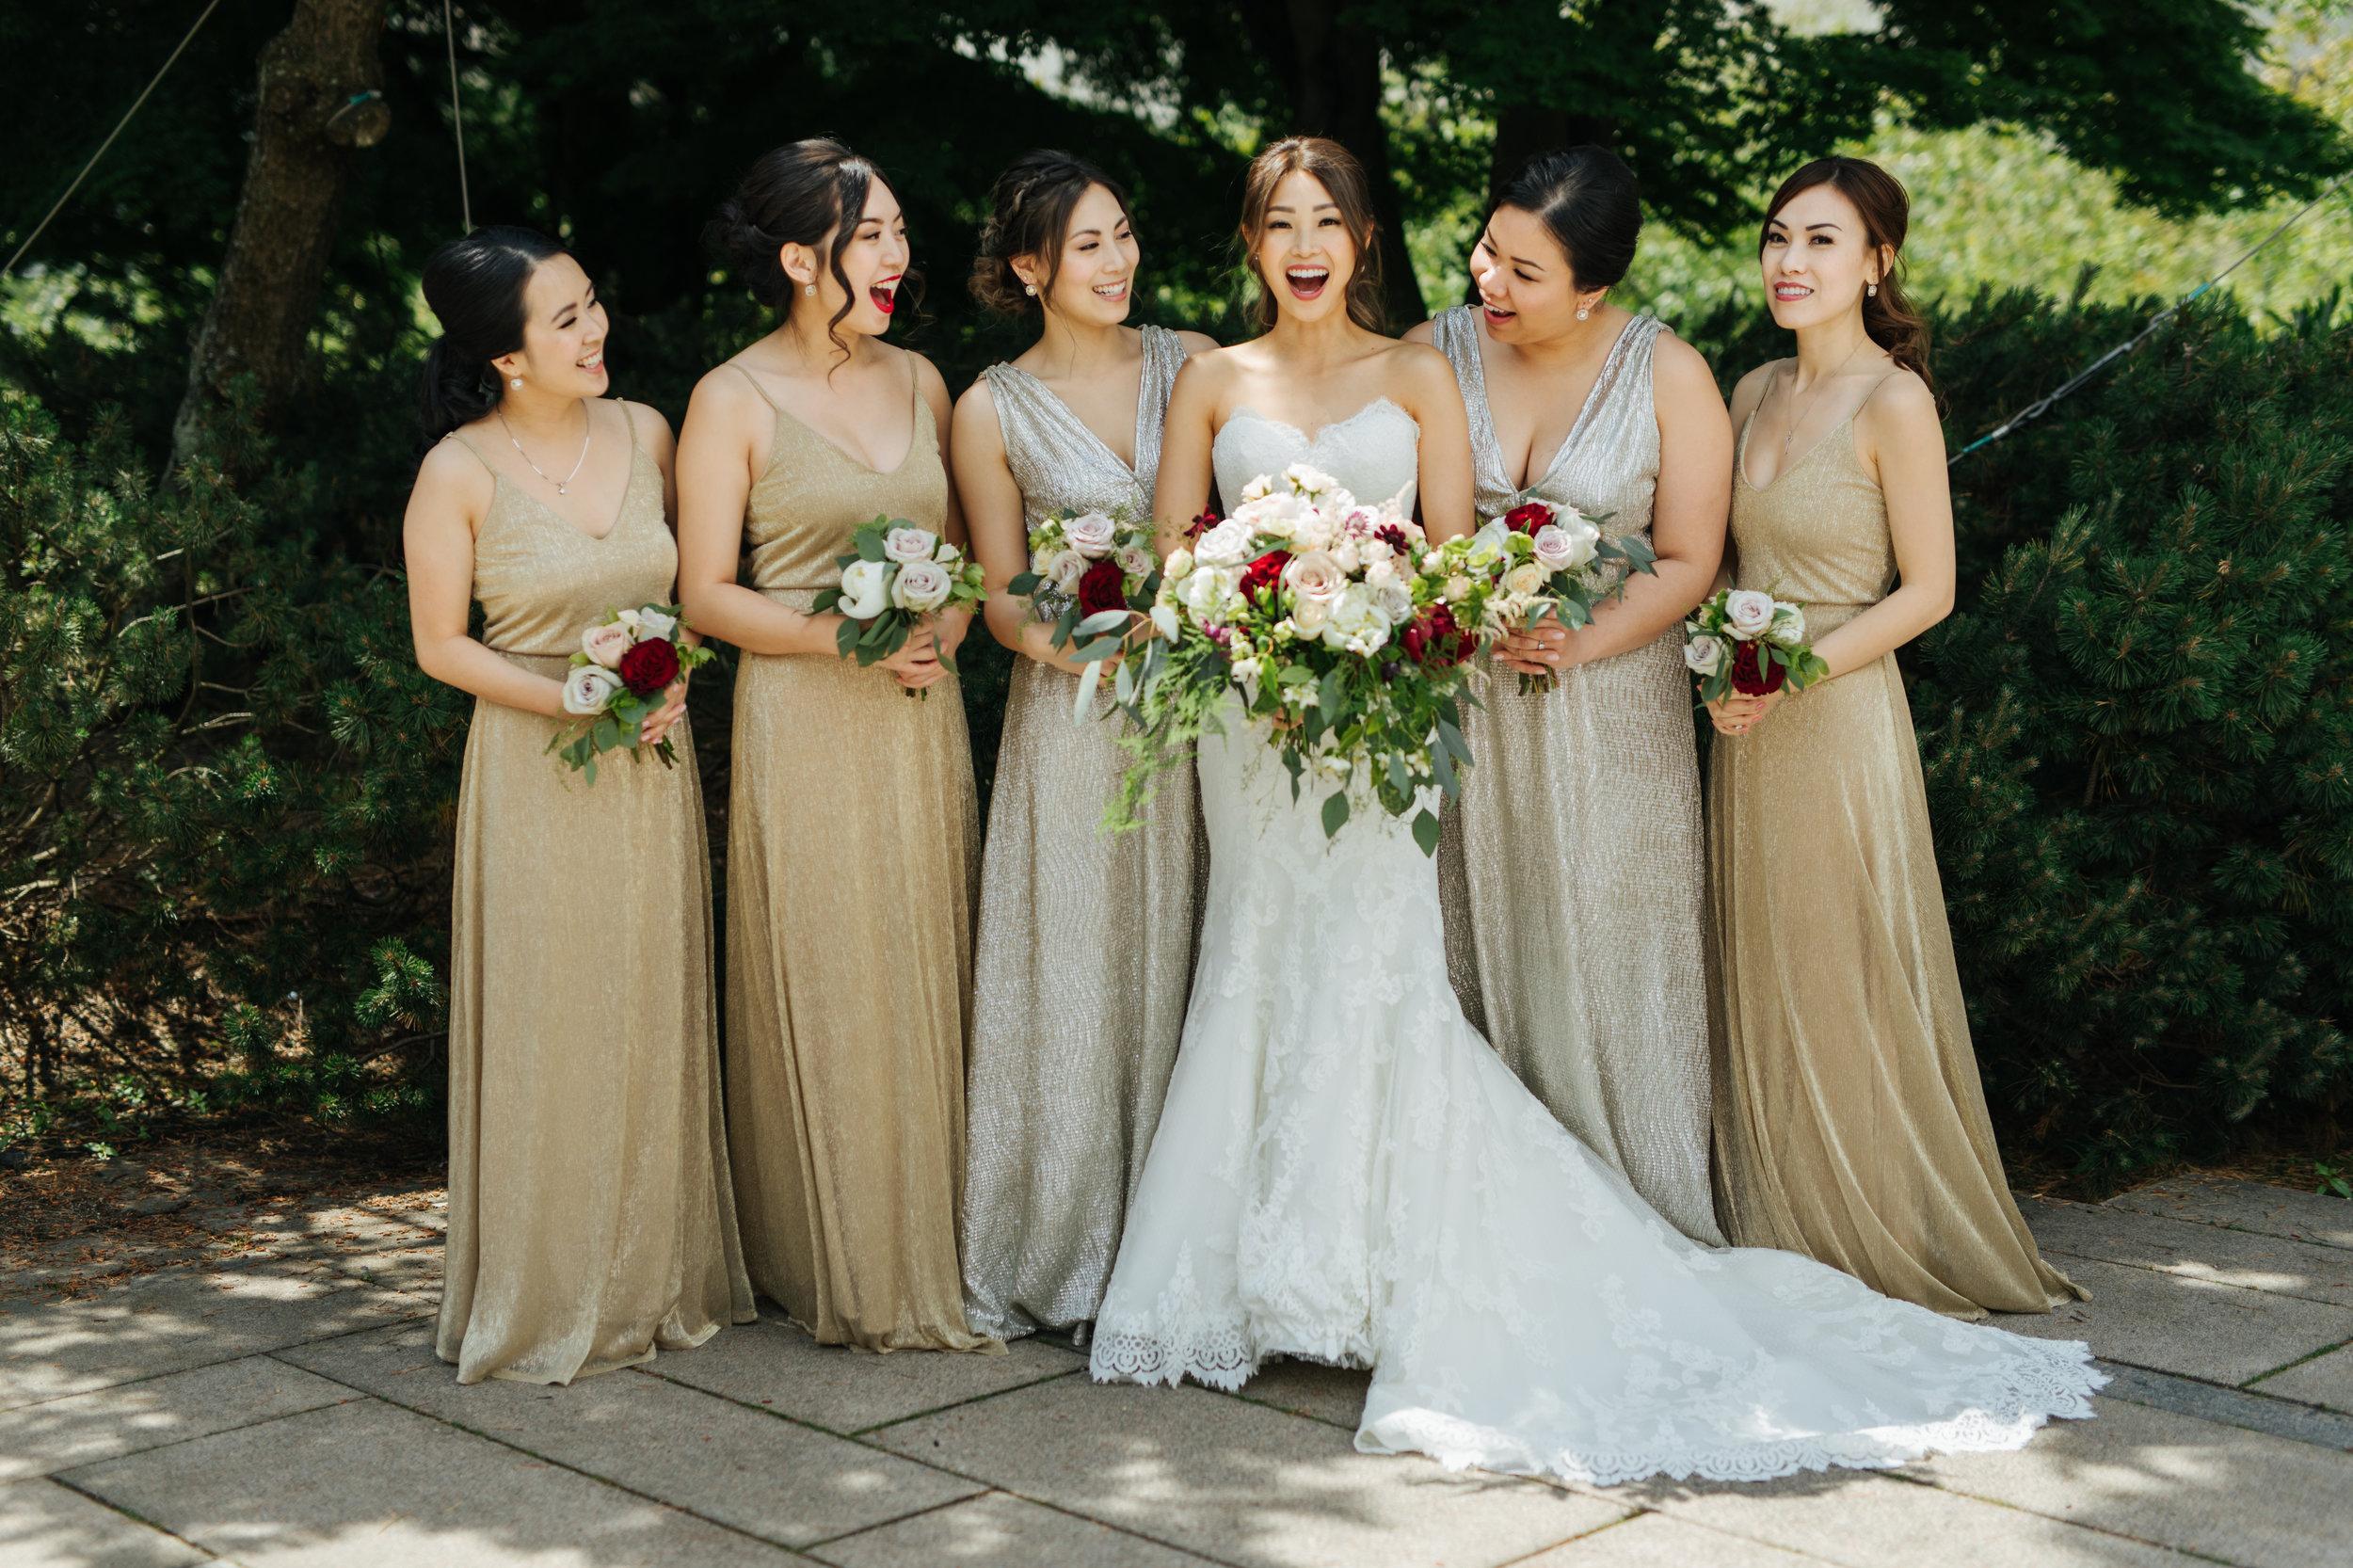 herafilms_wedding_betty_esmond_collectors_package-256.jpg